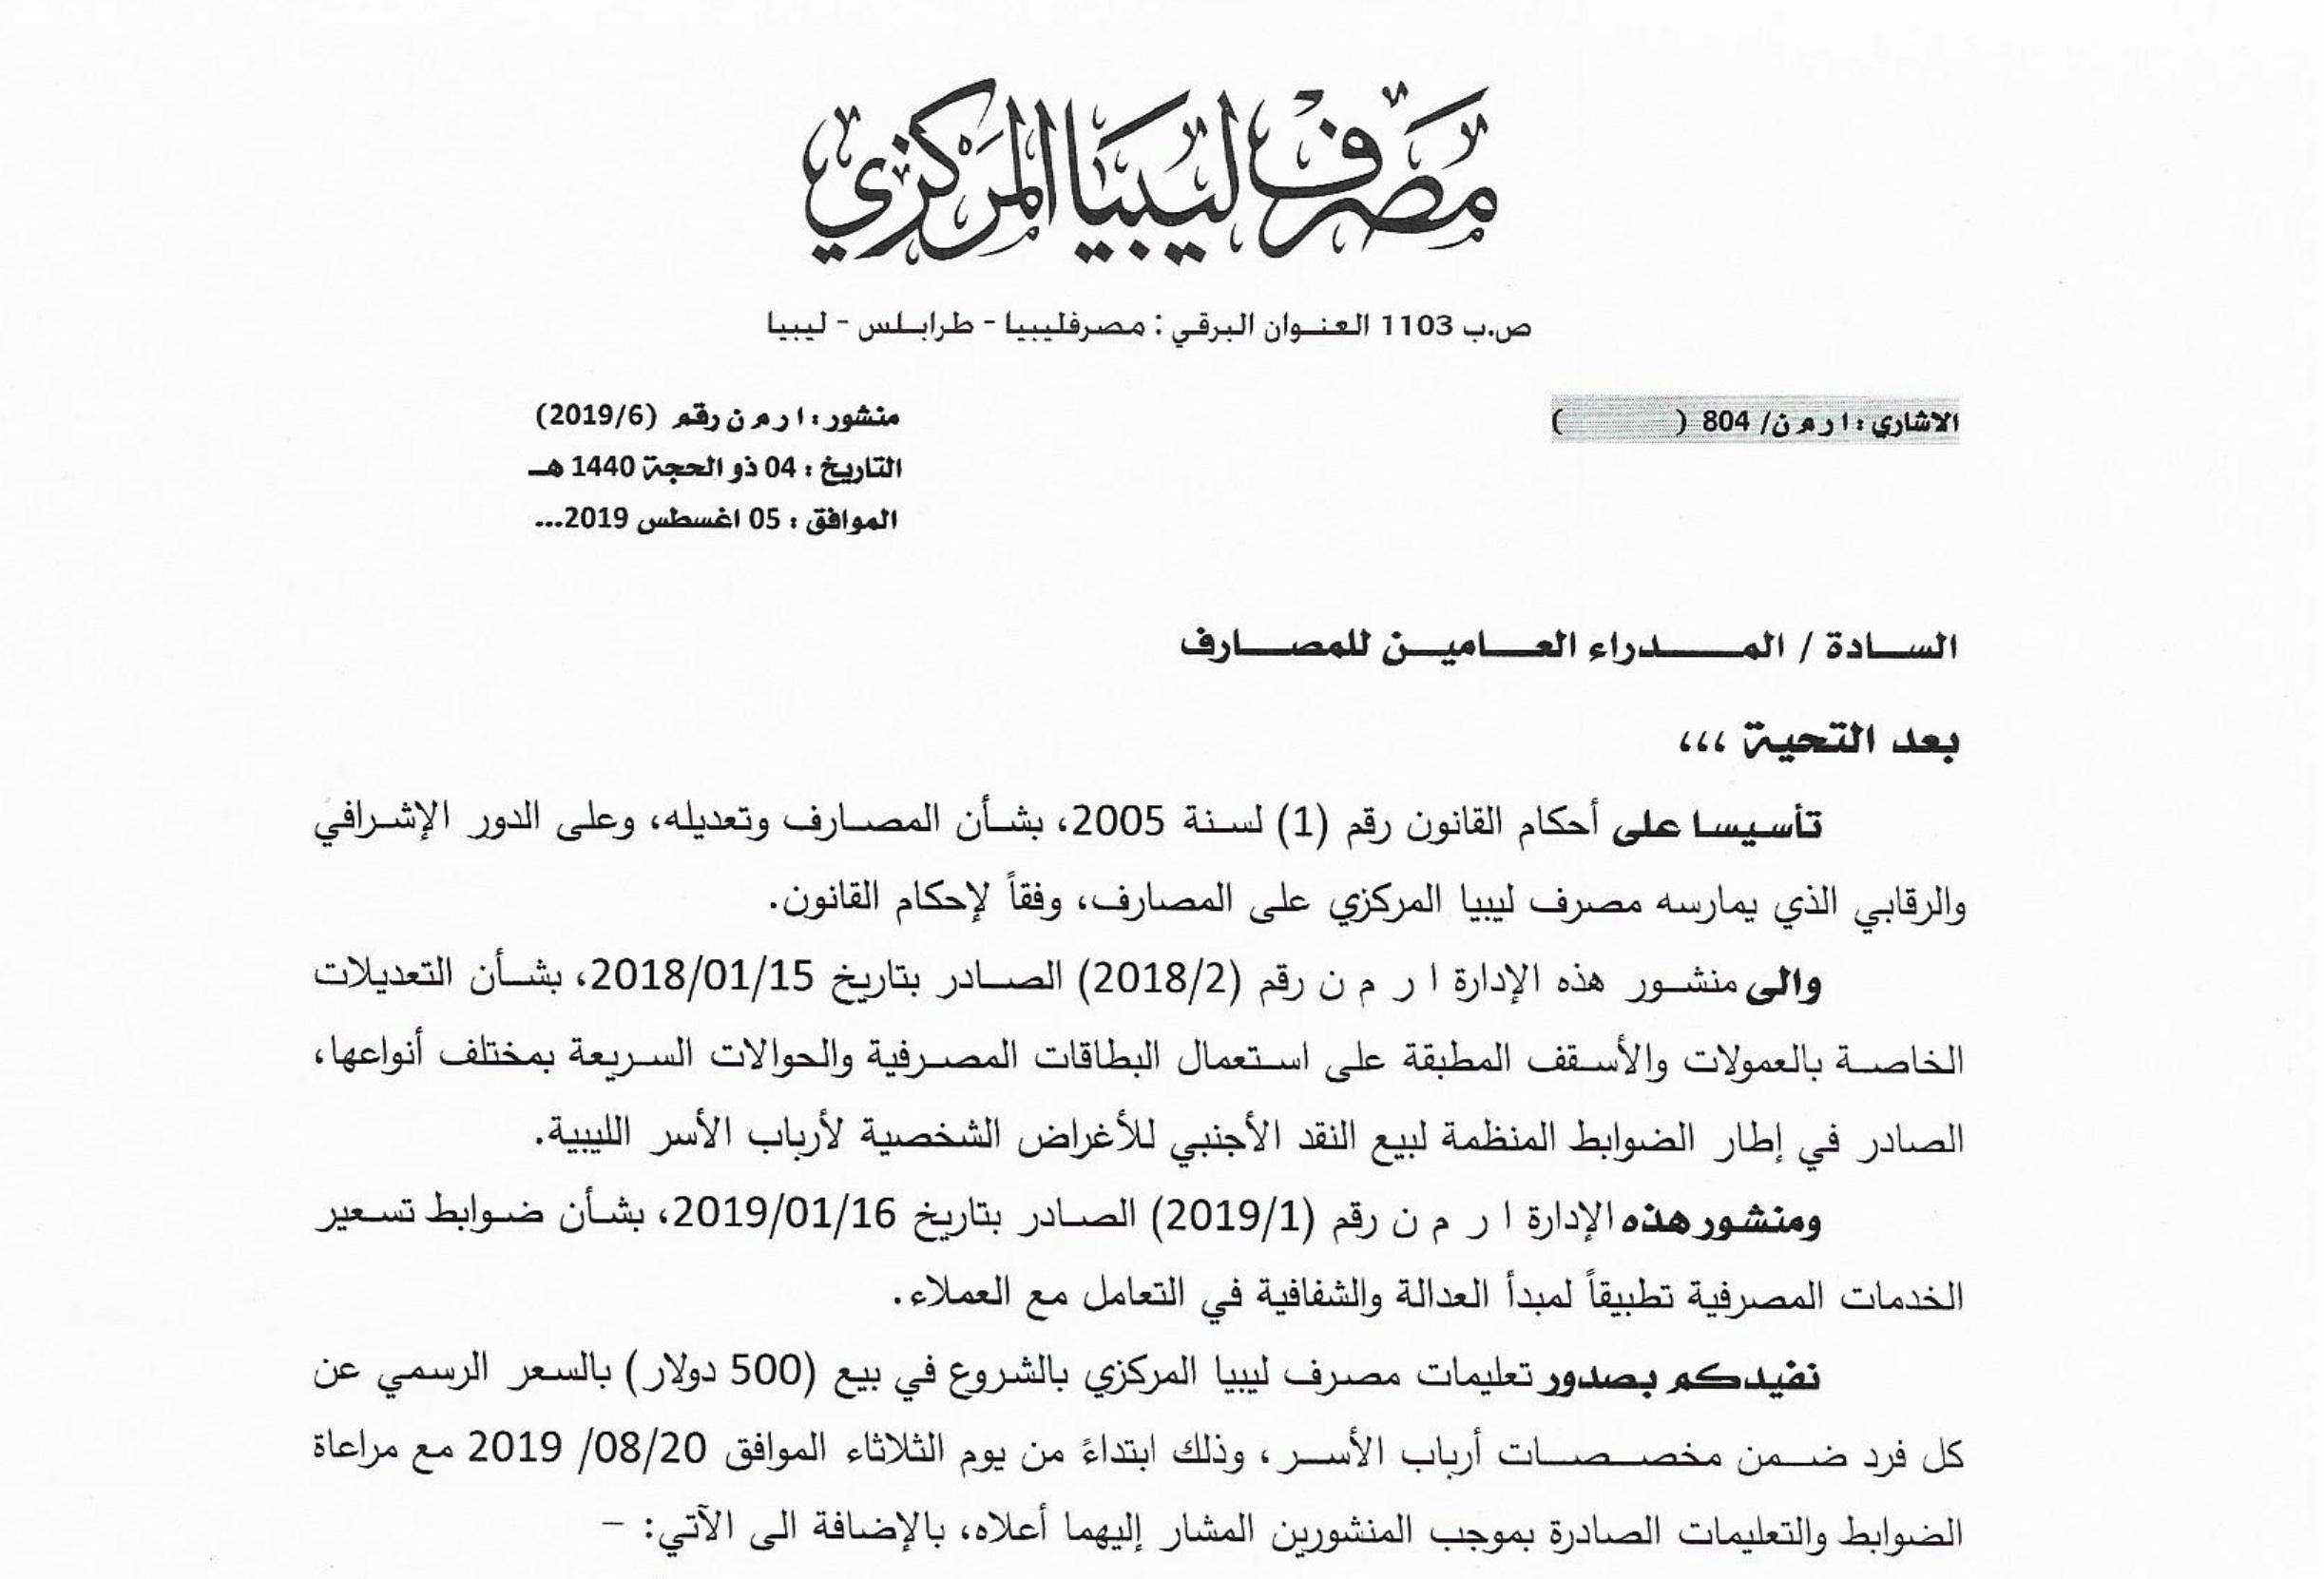 منشور إدارة الرقابة على المصارف والنقد بمصرف ليبيا المركزي رقم (2019/6) بشأن الضوابط والتعليمات المتعلقة ببيع (500 دولار) بالسعر الرسمي عن كل فرد ضمن برنامج أرباب الأسر الليبية